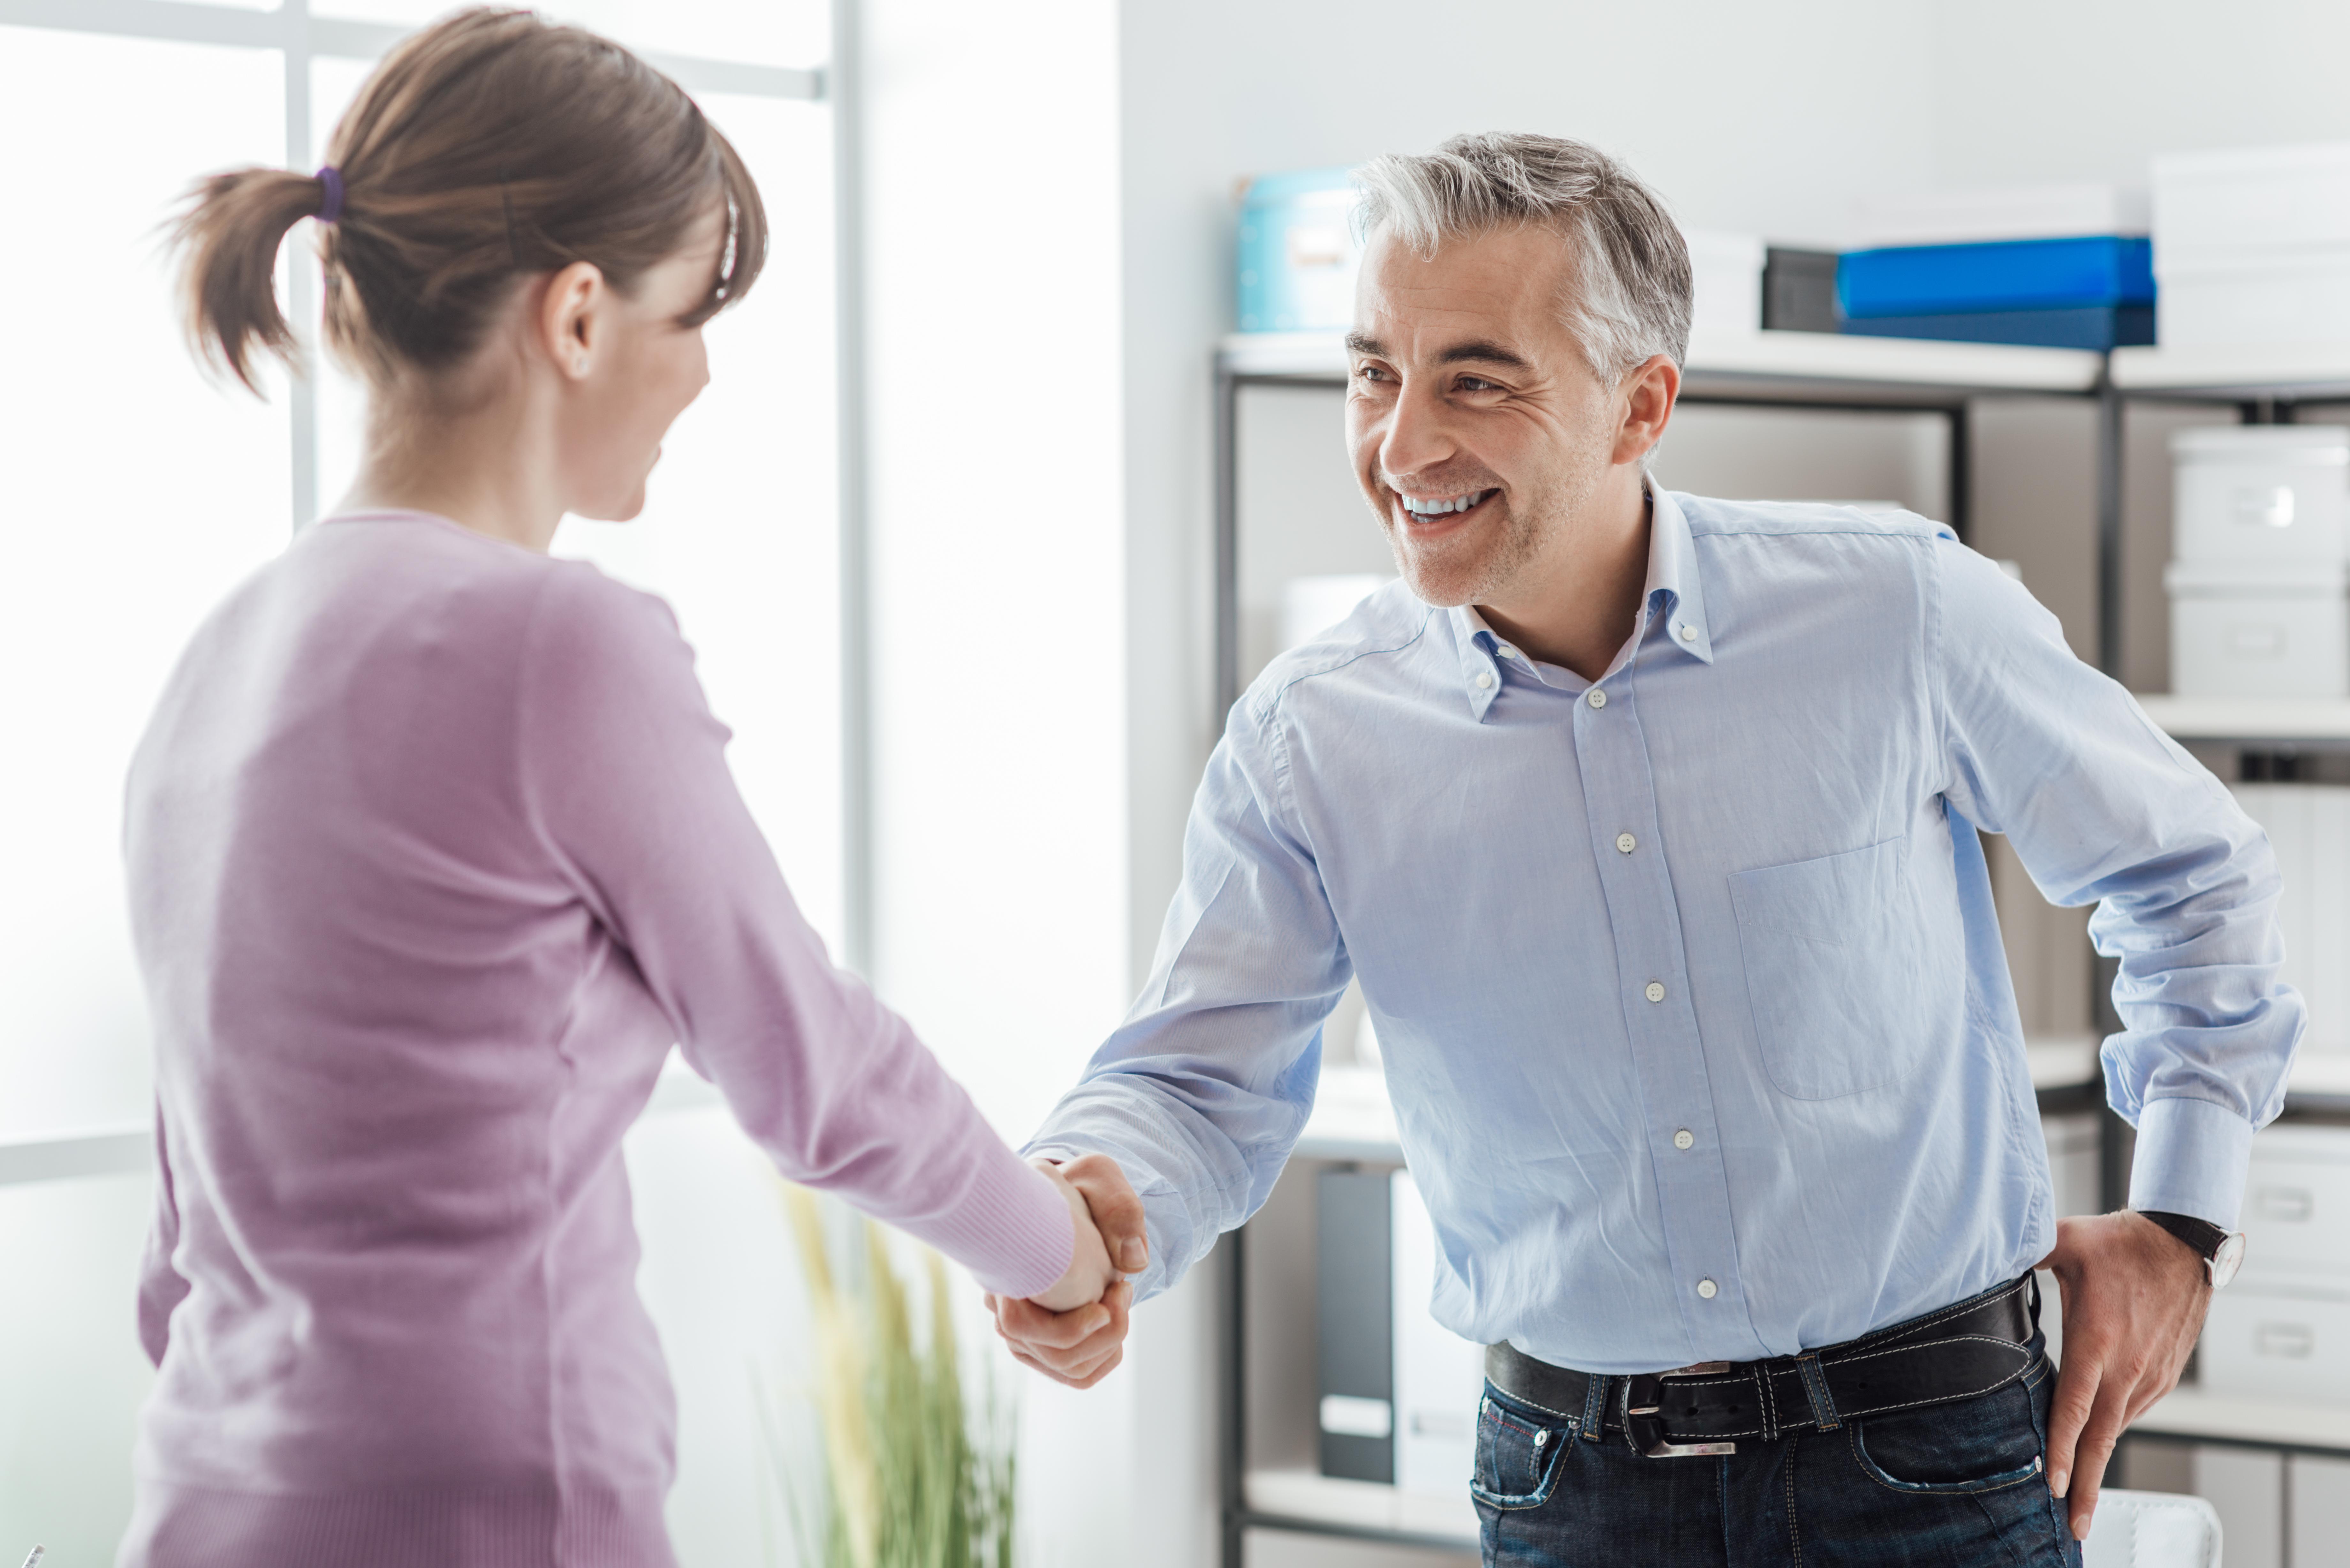 attraktiver Arbeitgeber schüttelt Bewerberin die Hand